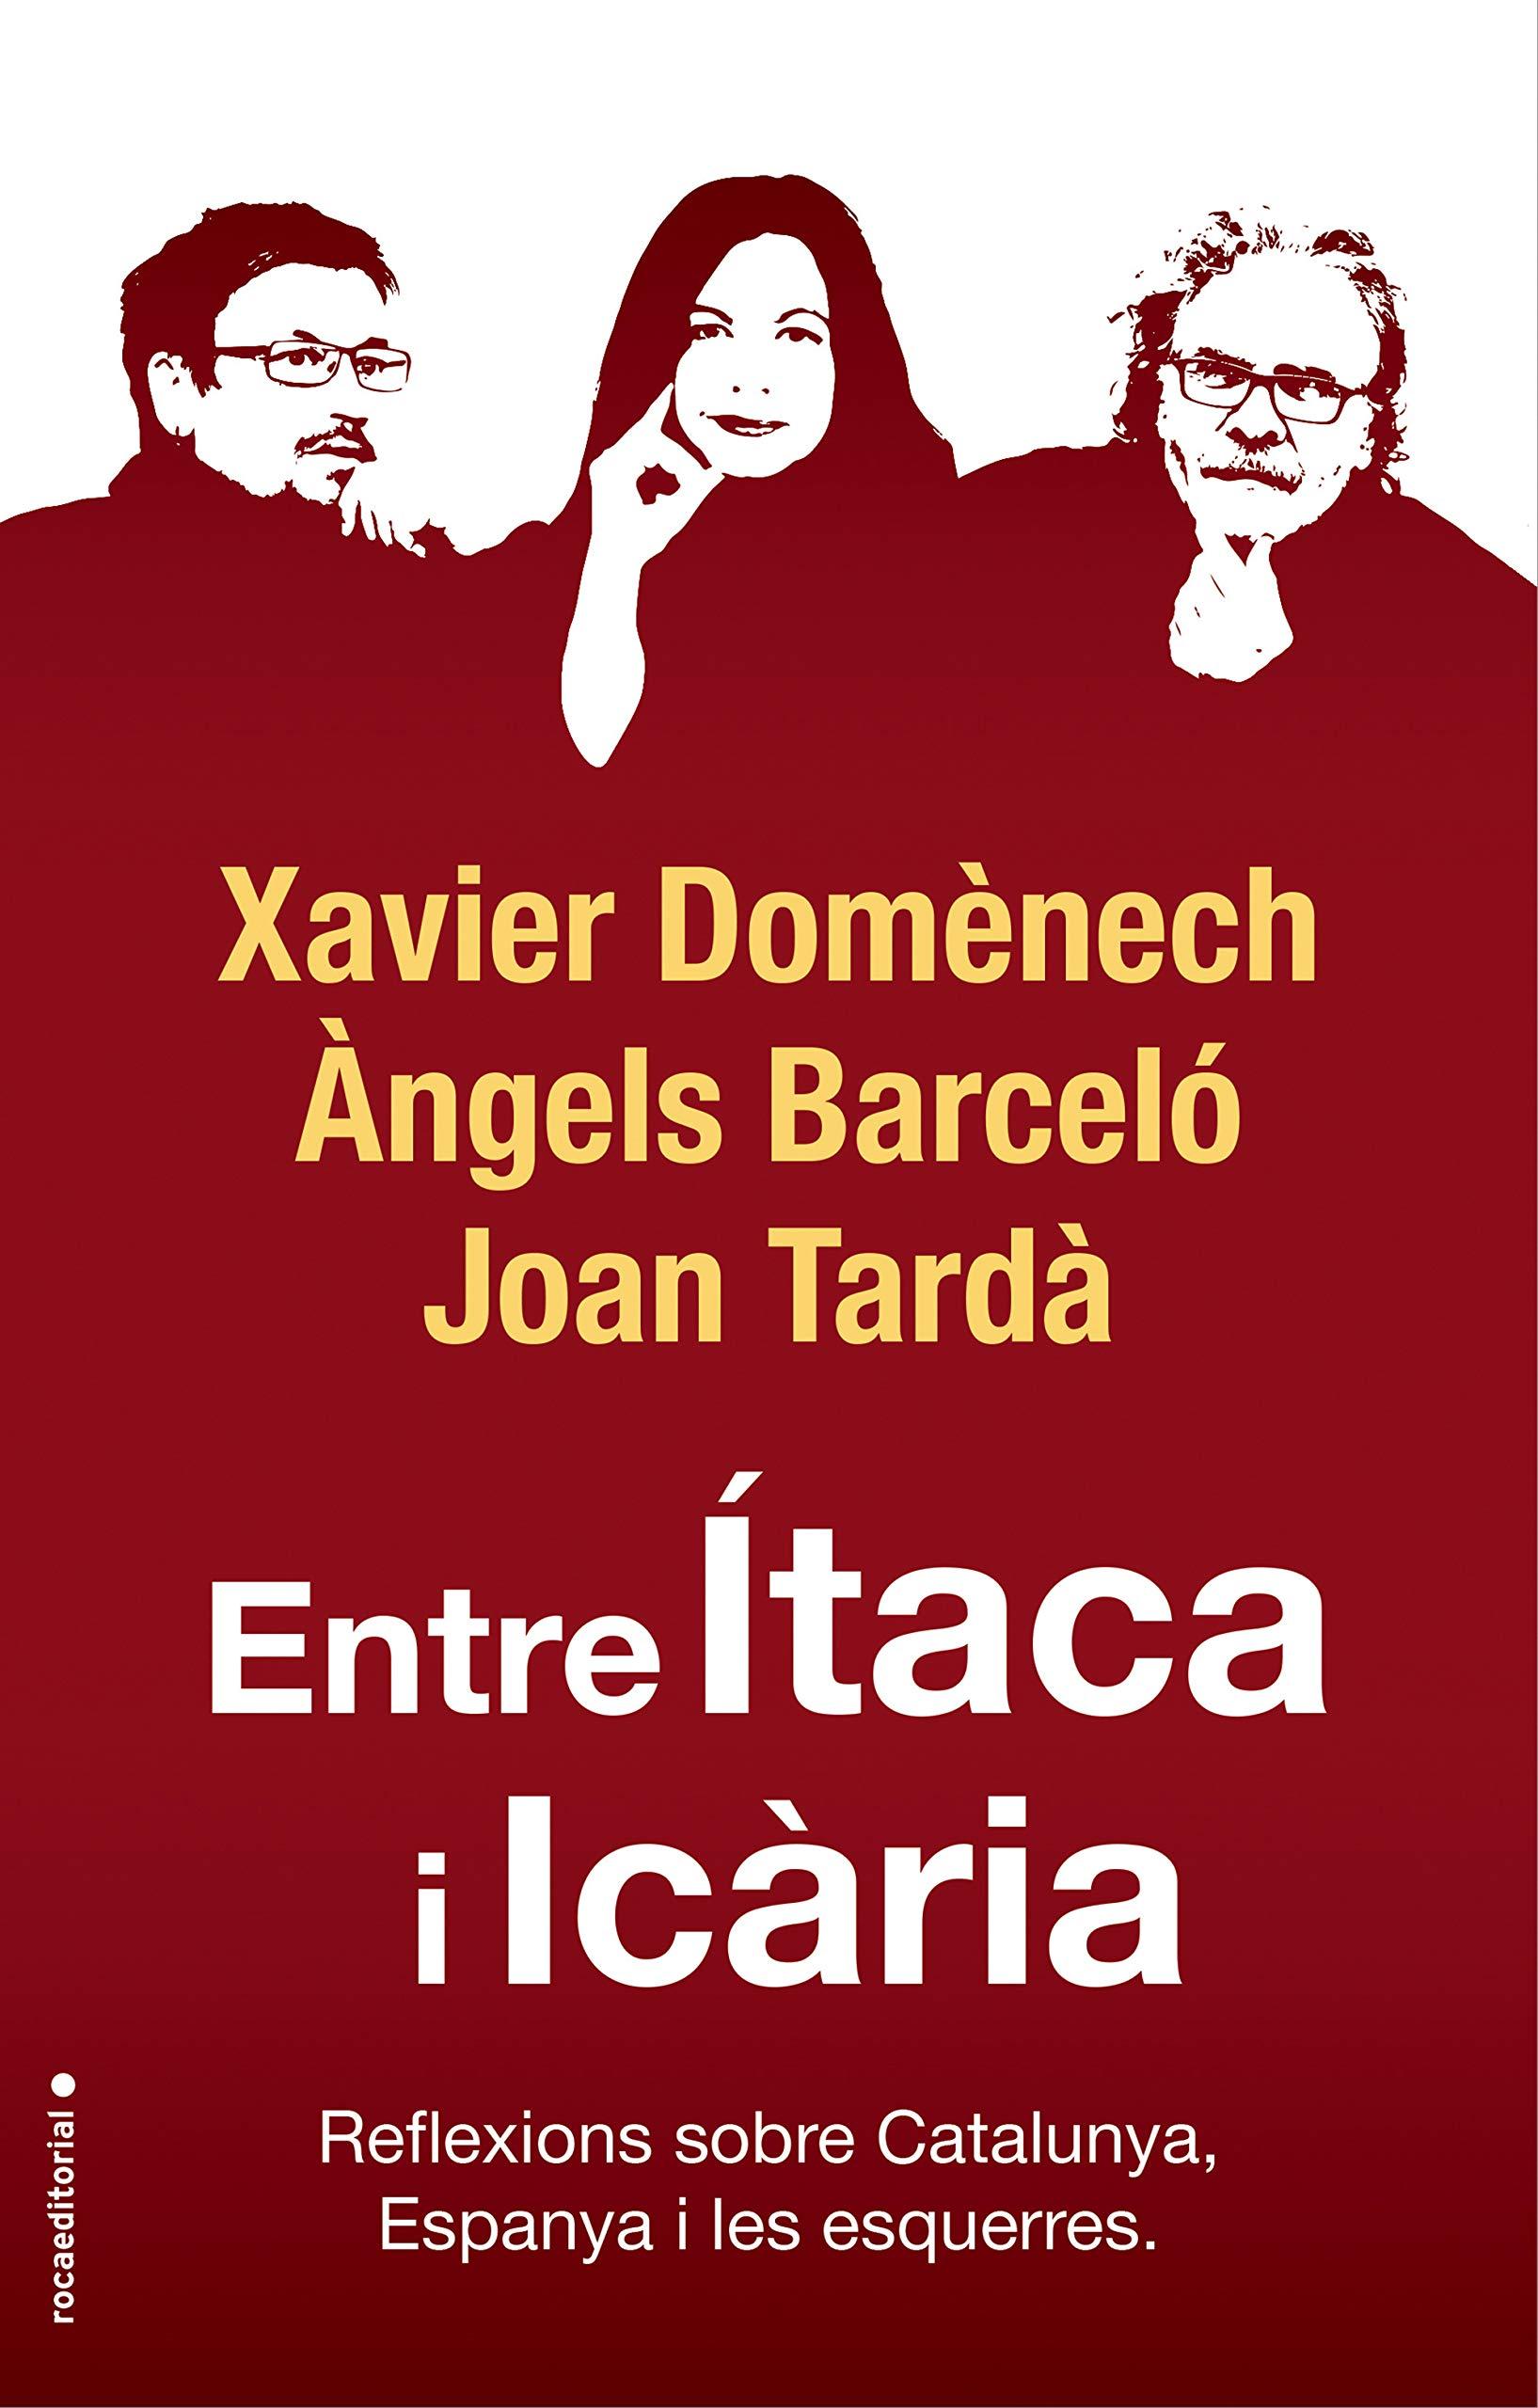 Entre Ítaca i Icària: Reflexions sobre Catalunya, Espanya i les esquerres (No Ficción) (Catalan Edition)